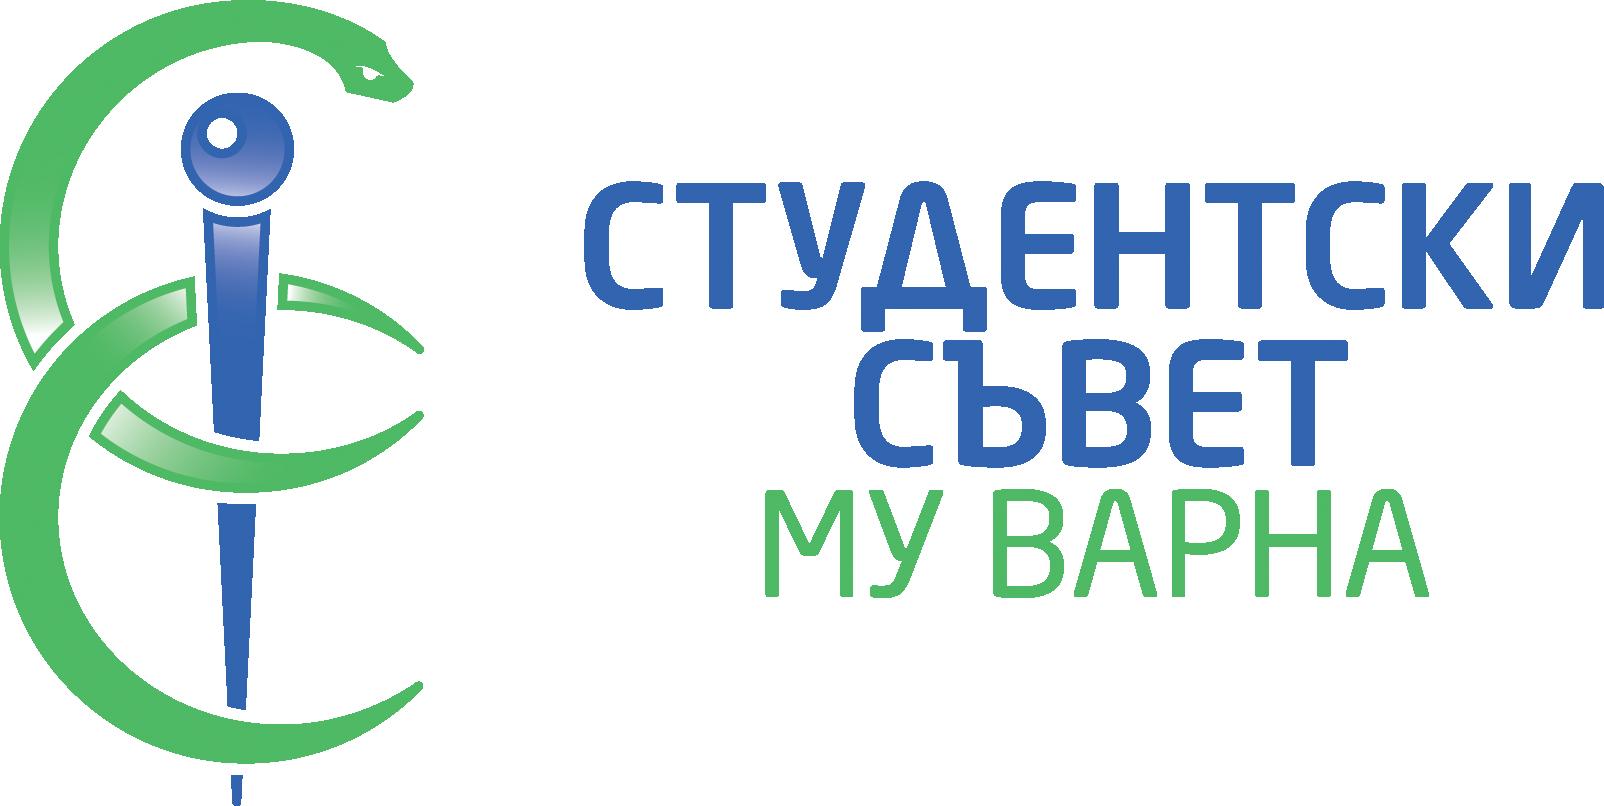 Частични избори за попълване на квотите на Студентски съвет за мандат 2016-2018